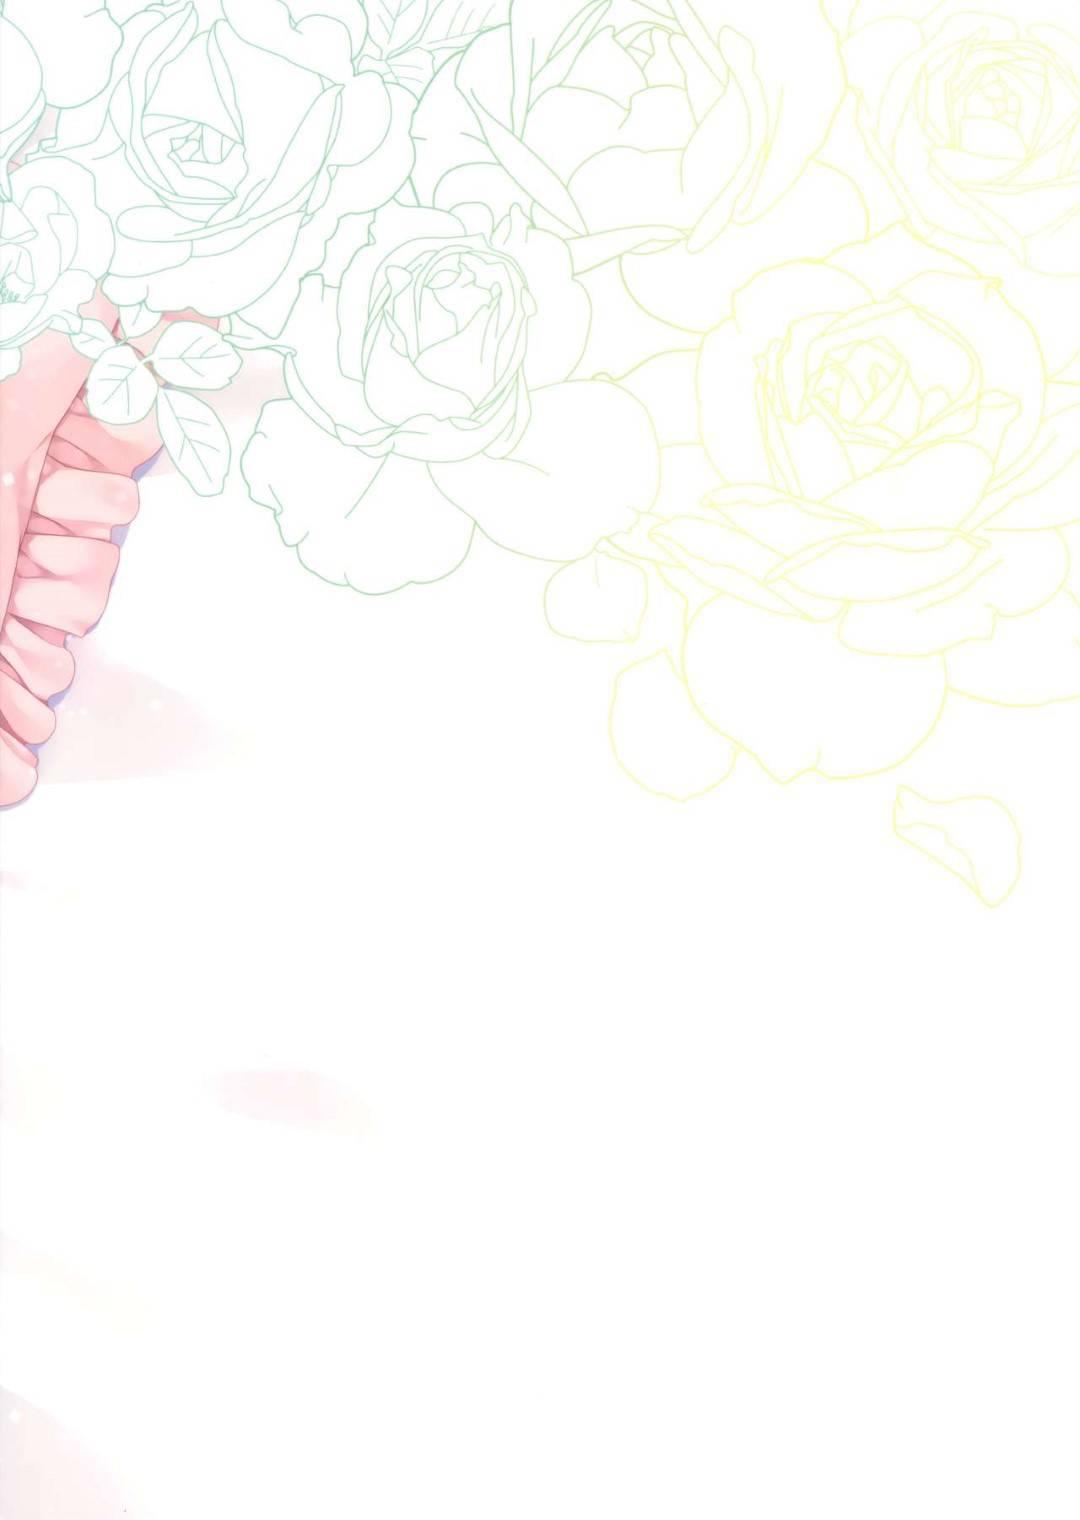 【エロ漫画】帰宅してきた彼氏である主人公とイチャイチャするスレンダーお姉さん。彼にディープキスをされてすっかりエッチな雰囲気になってしまった彼女はそのままイチャラブセックスする!